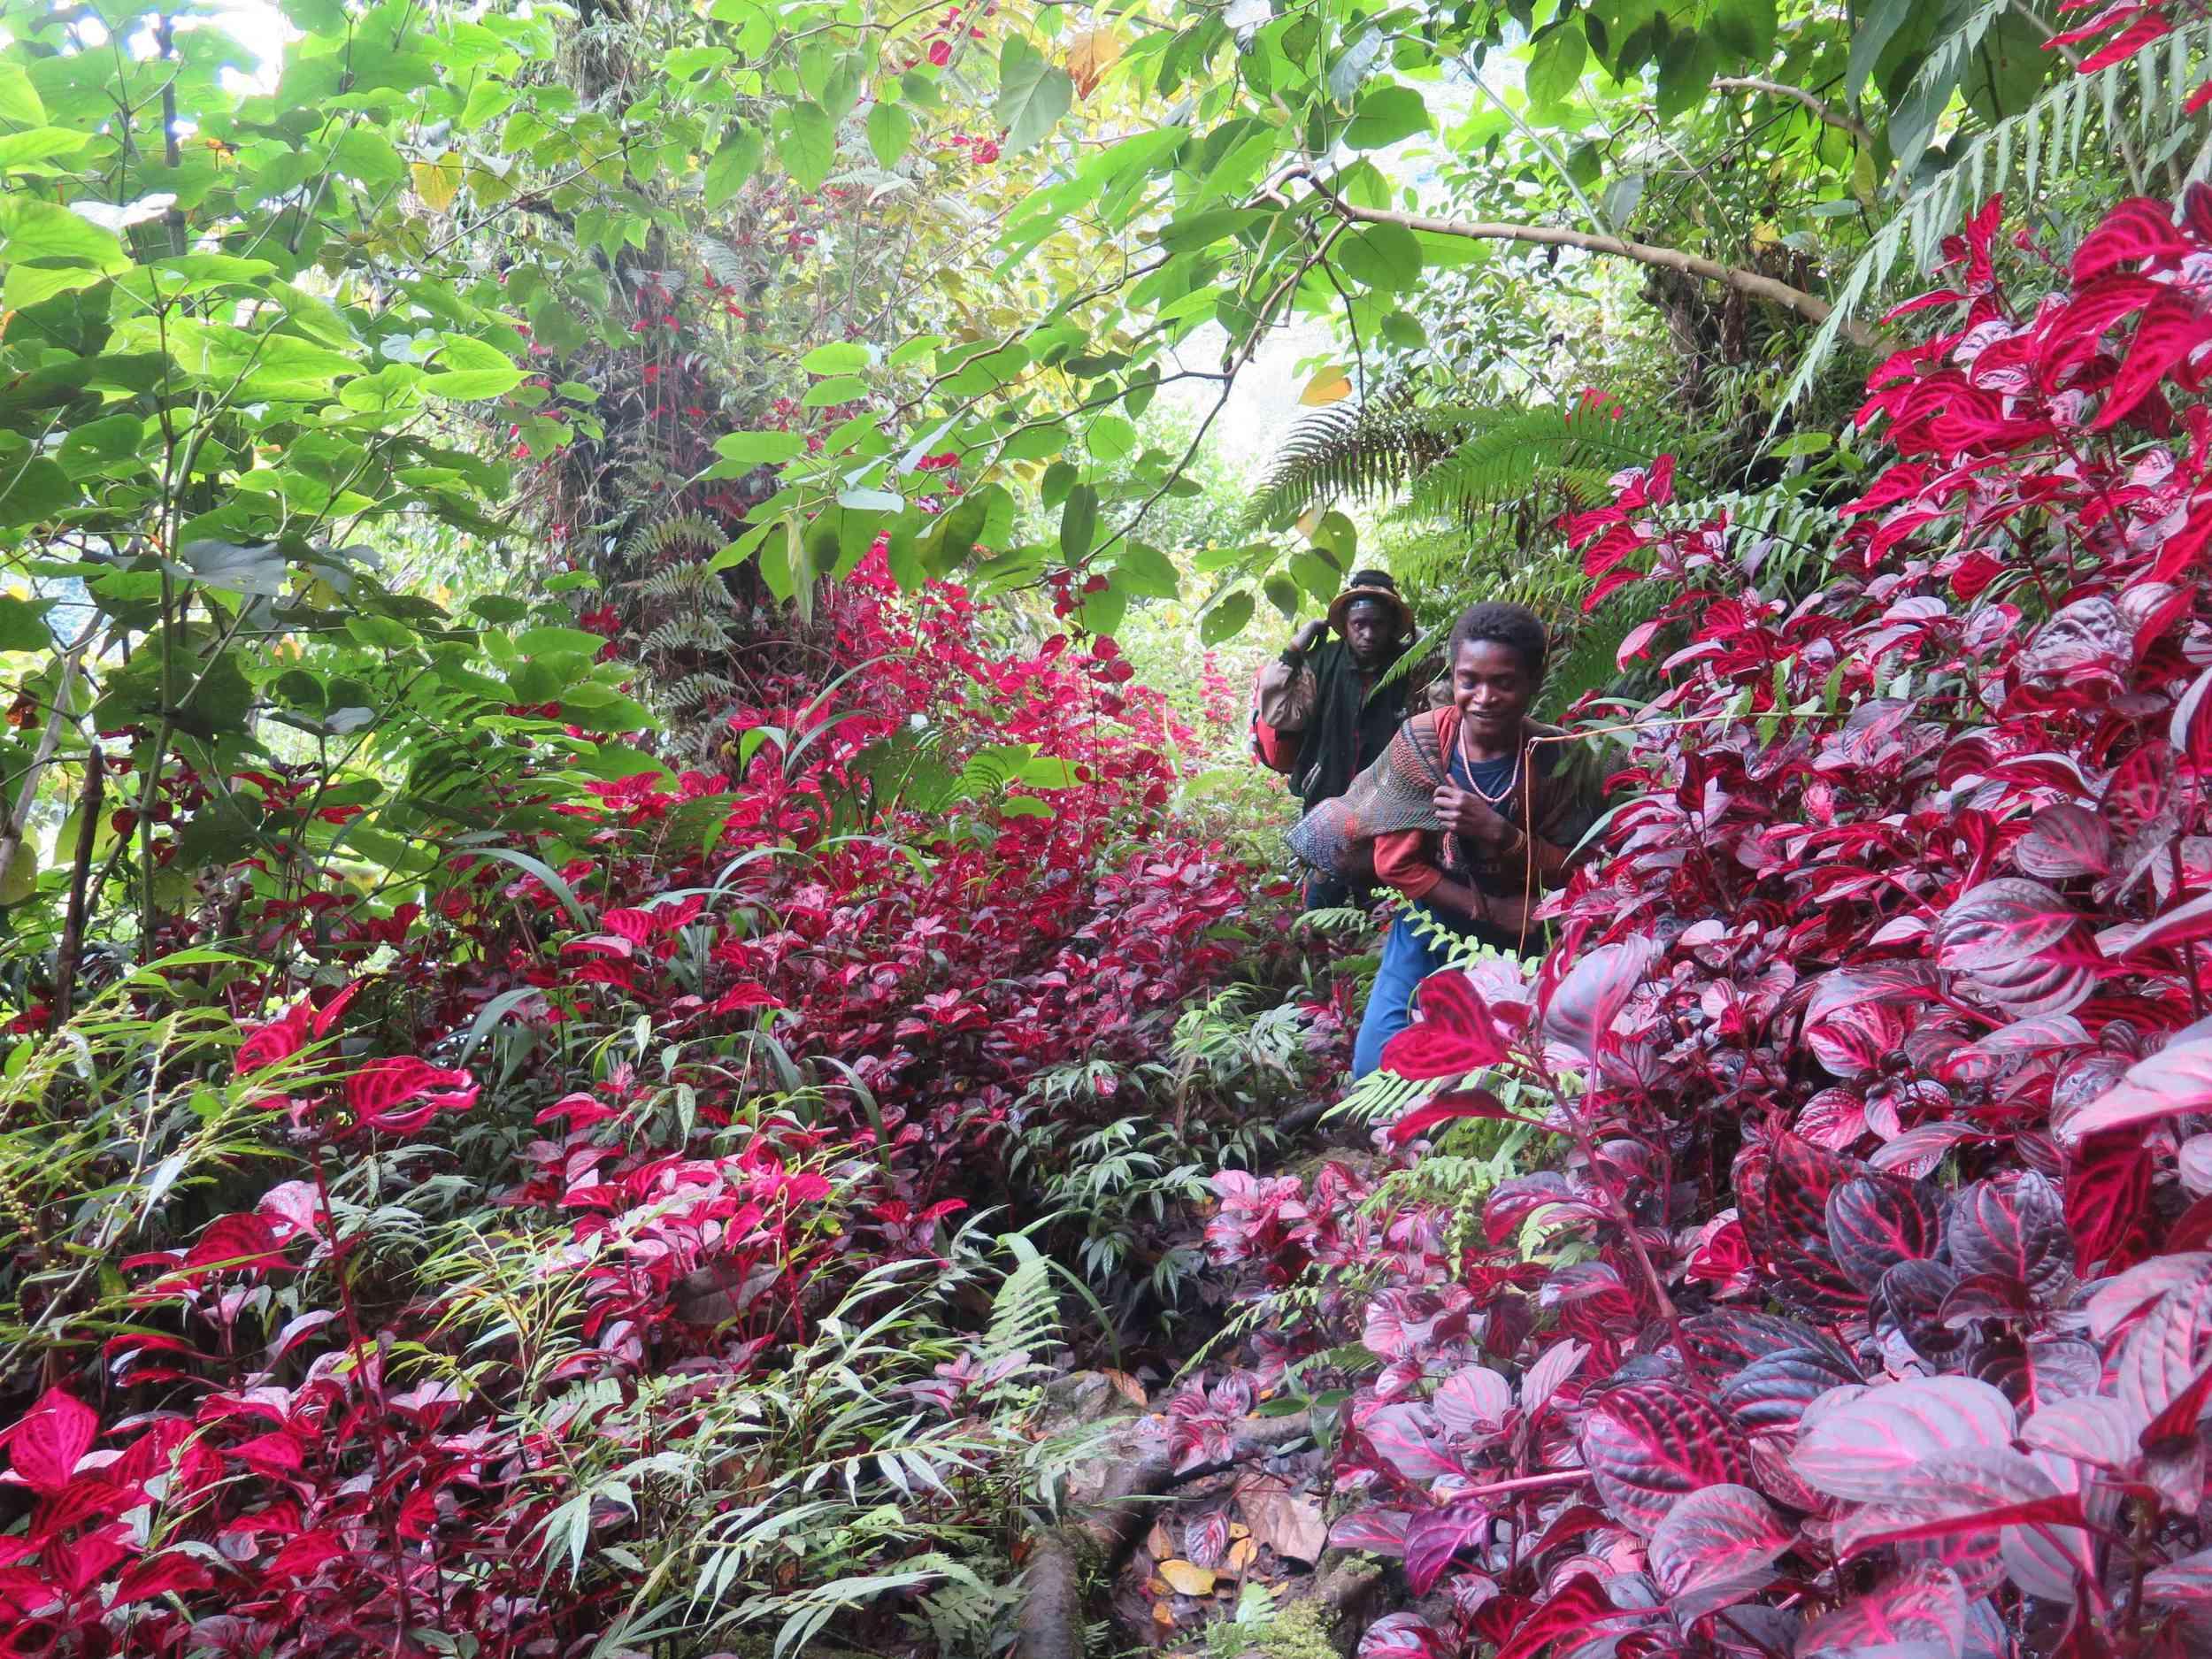 Ormanda yuruyusun baslangici / Start of our trek in the jungle